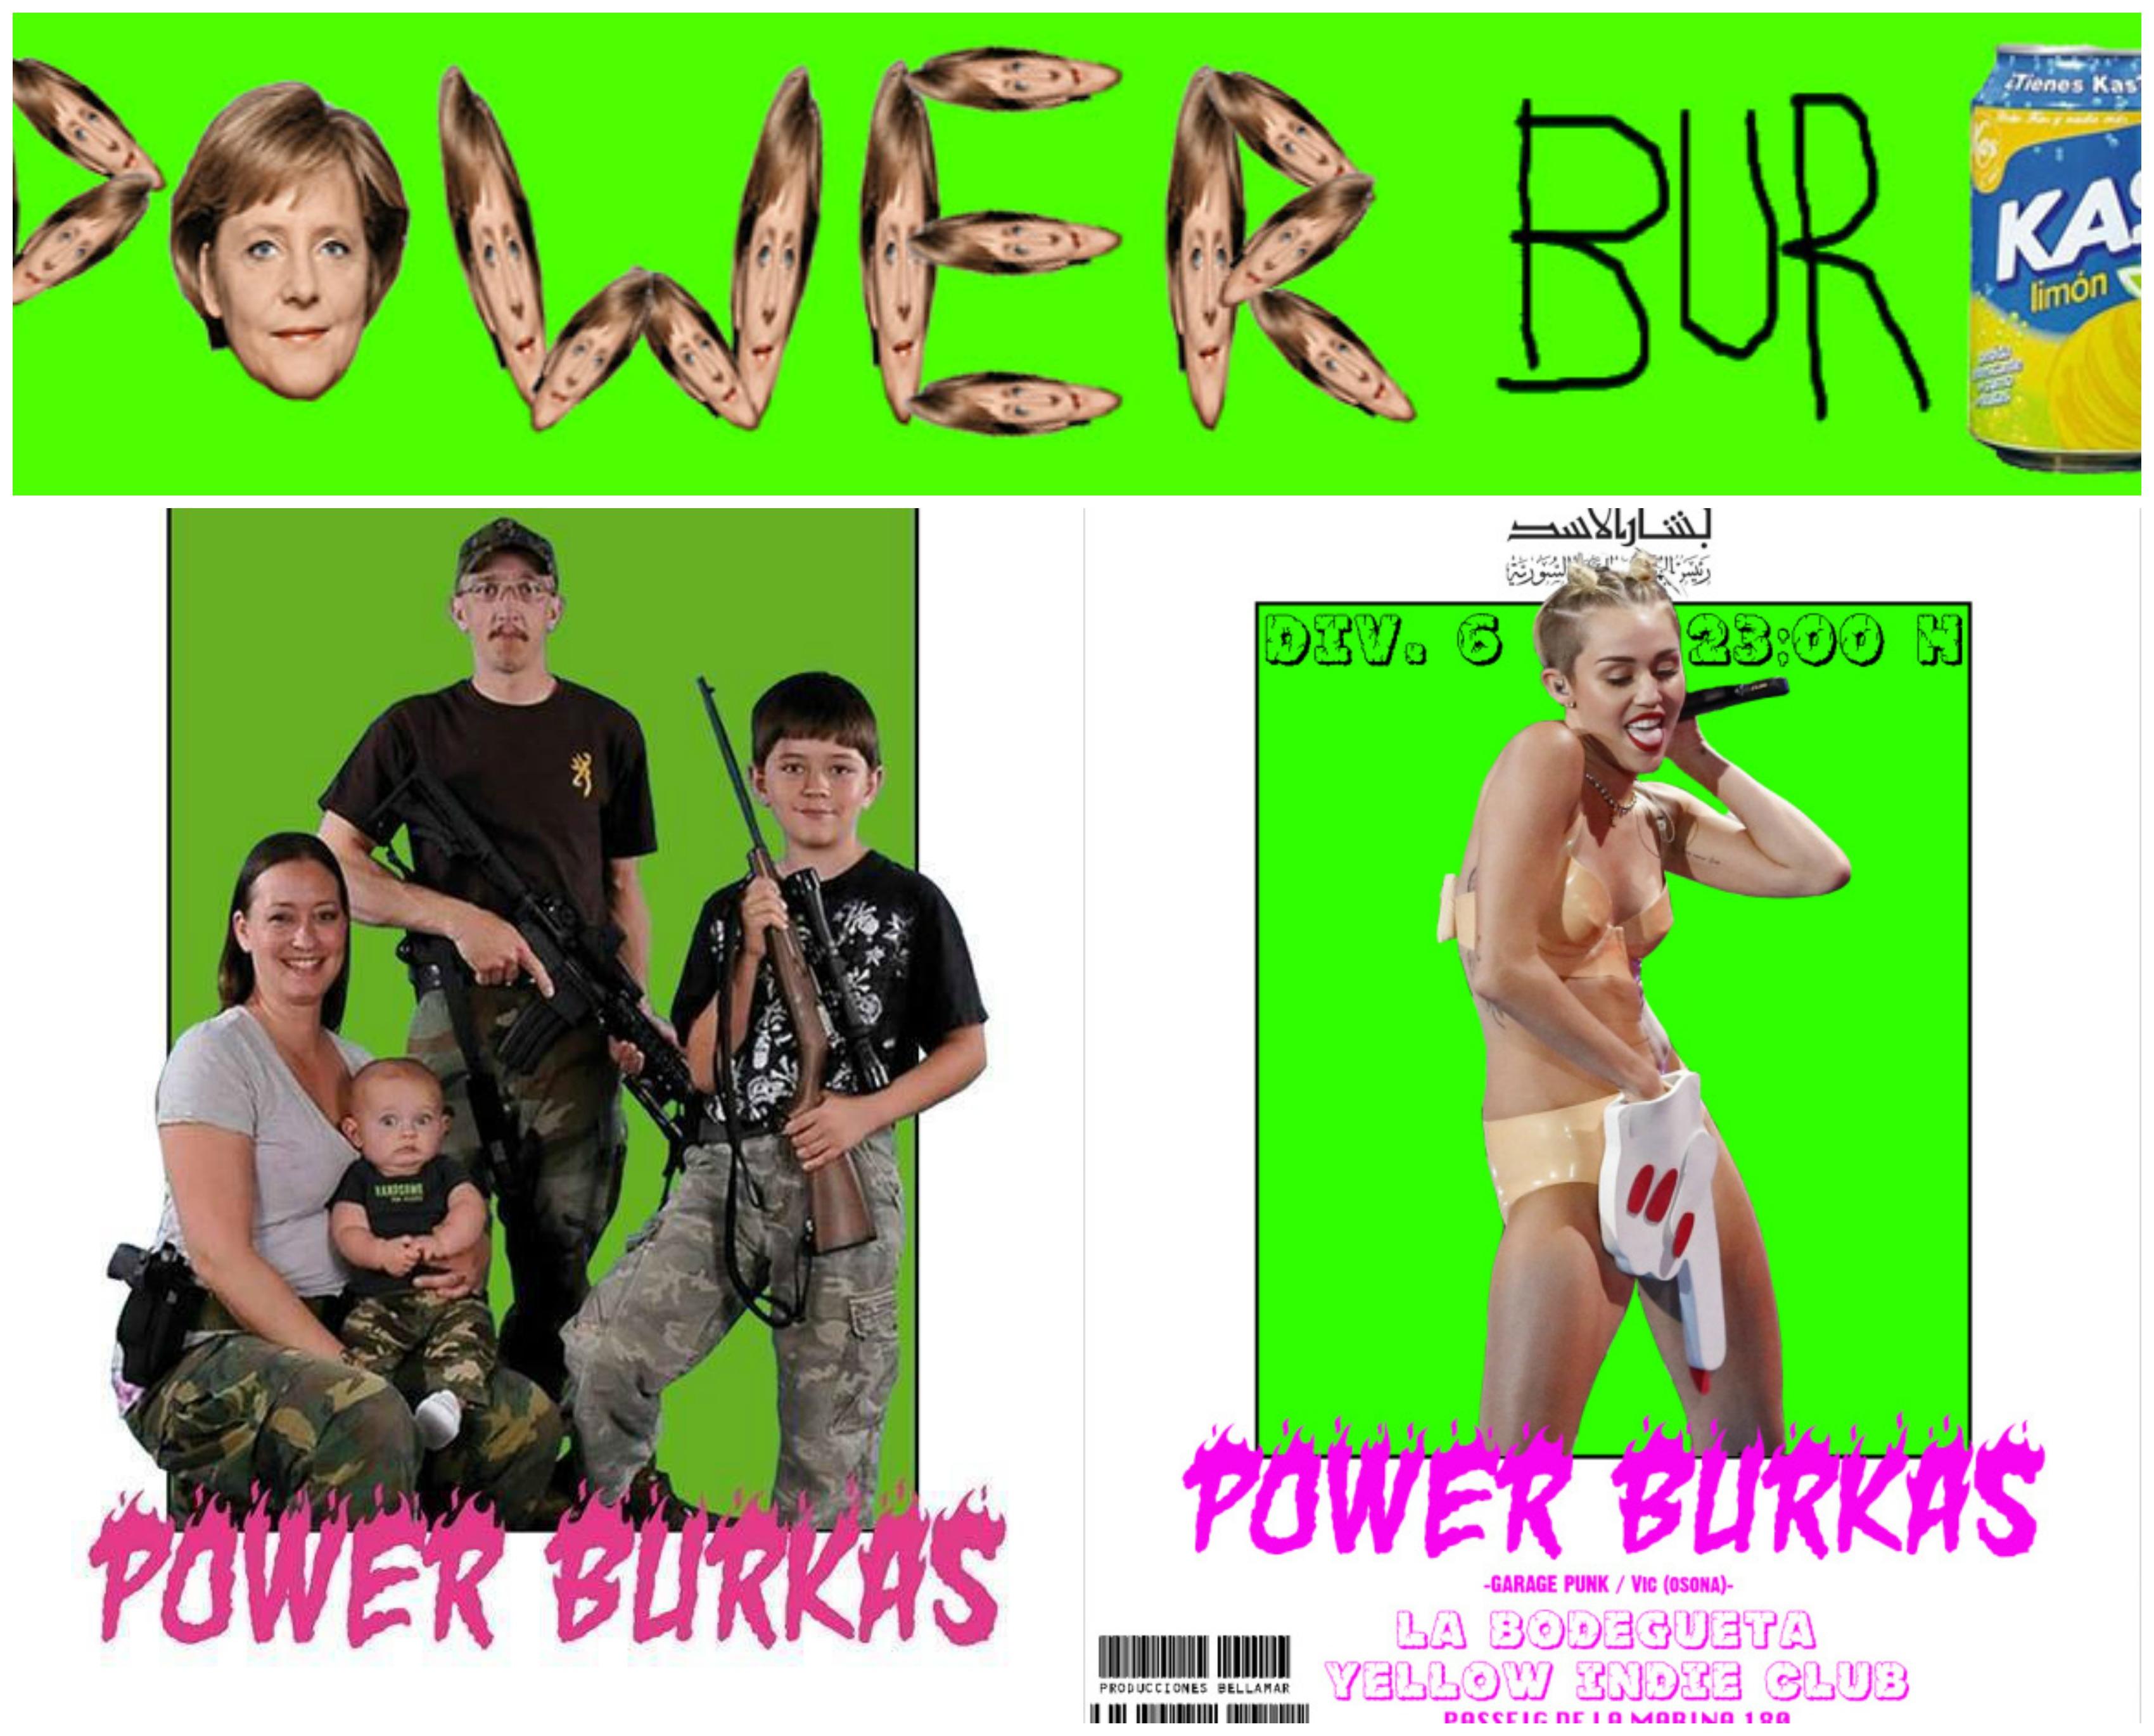 Power Burkas presentará su nueva cinta en La Nit del Tigre